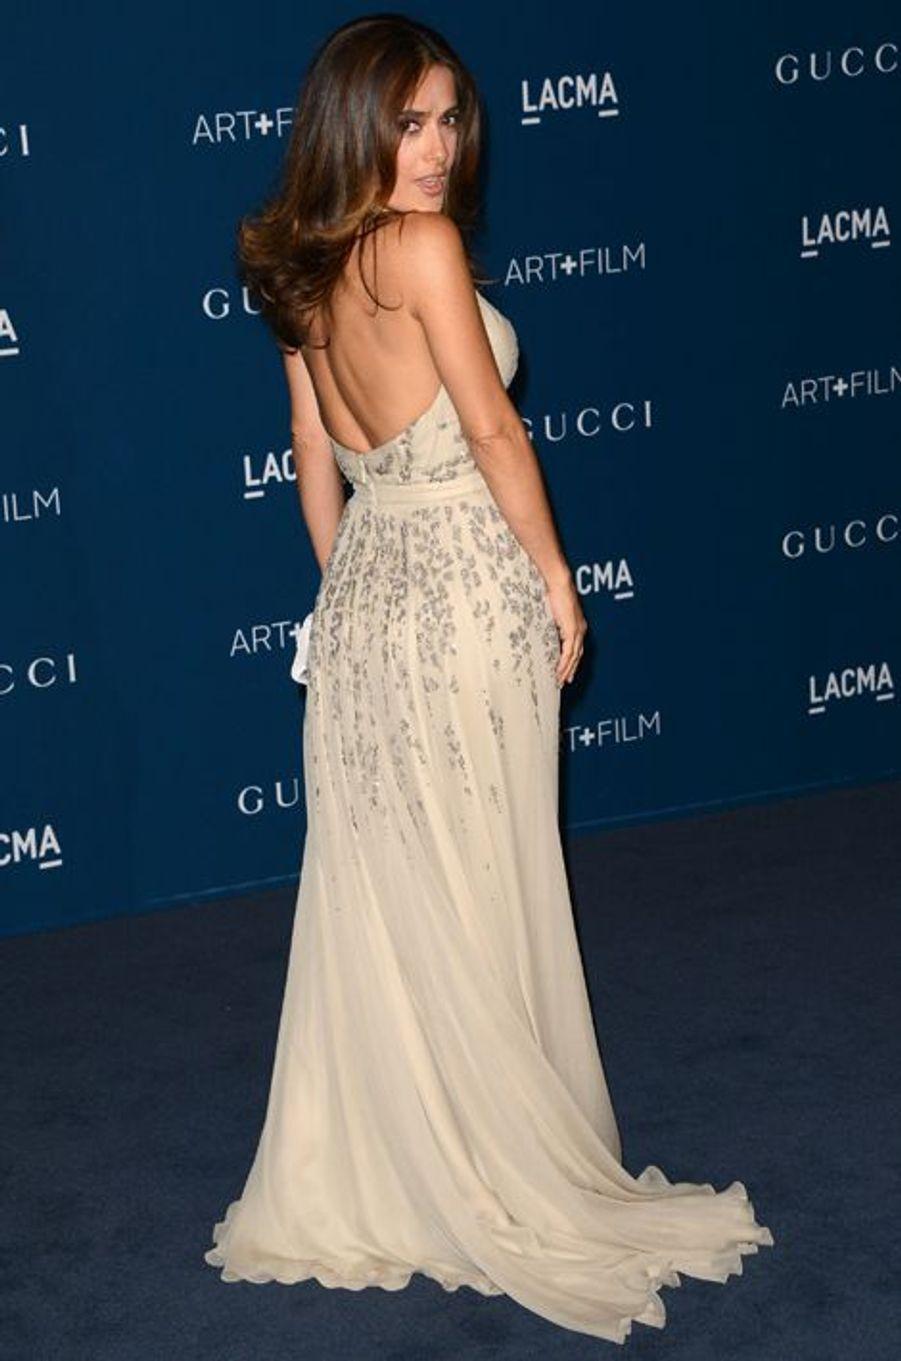 Salma Hayek en Gucci Première, au LACMA Art + Film Gala en novembre 2013